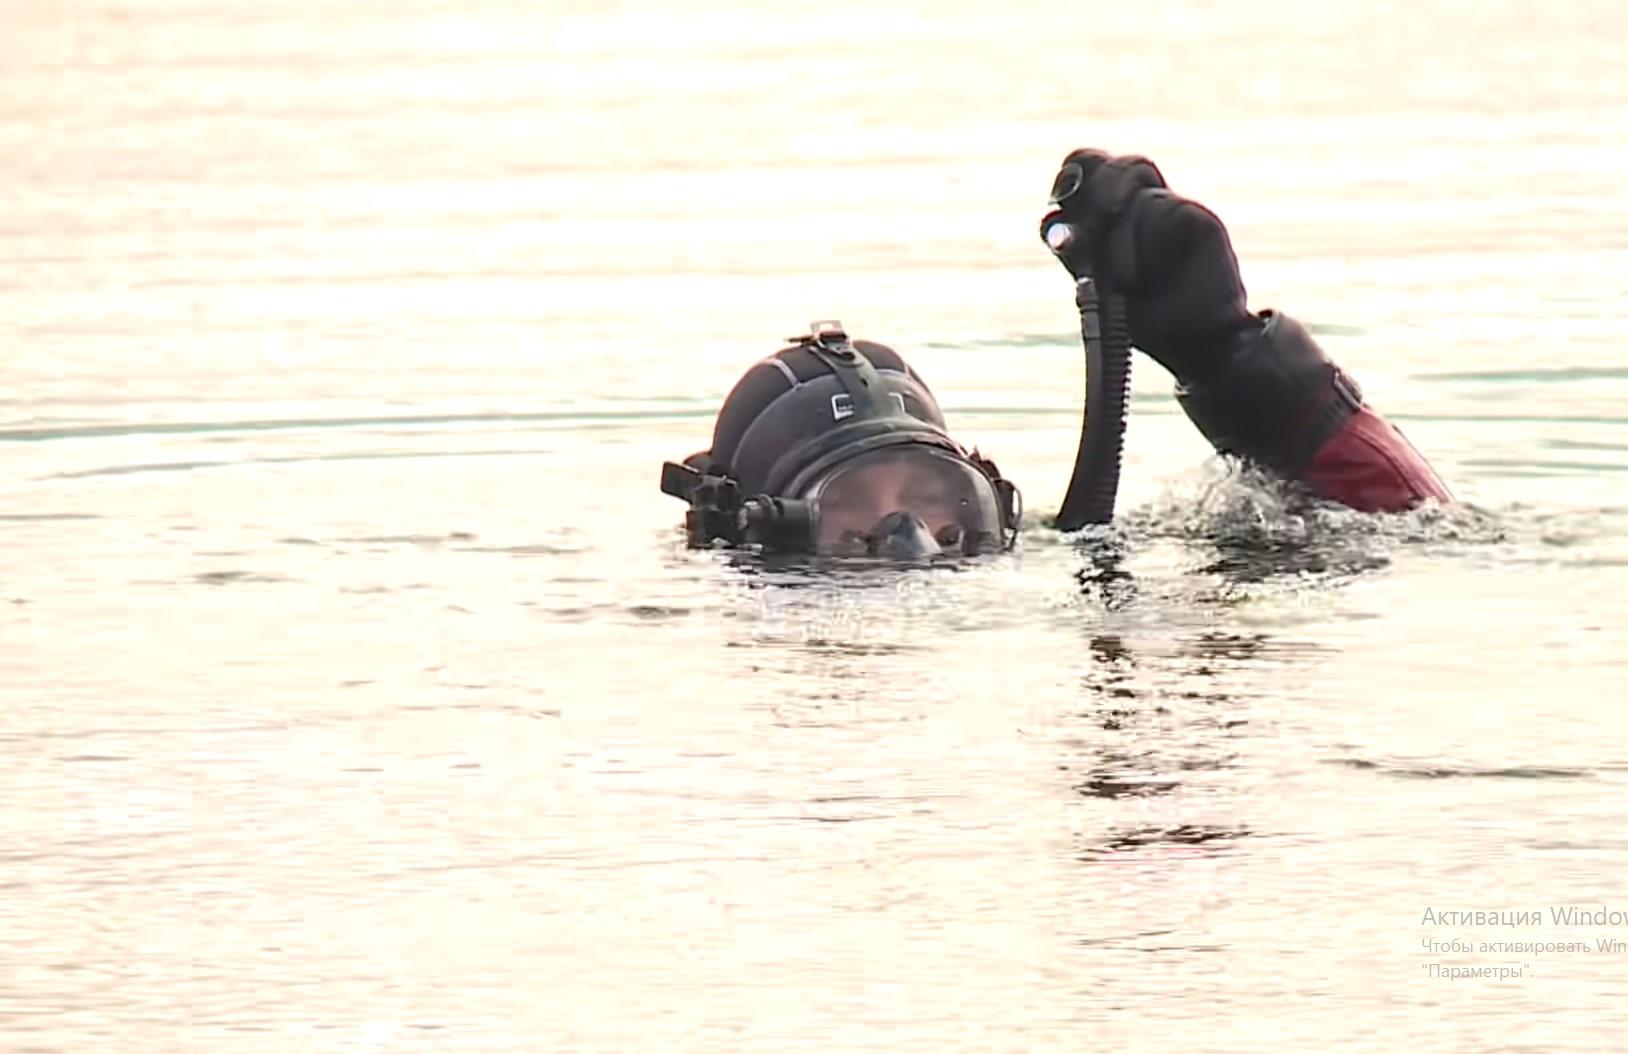 50 лет под водой: в Берлине подняли со дна озера ЗАЗ-965 (ФОТО, ВИДЕО)